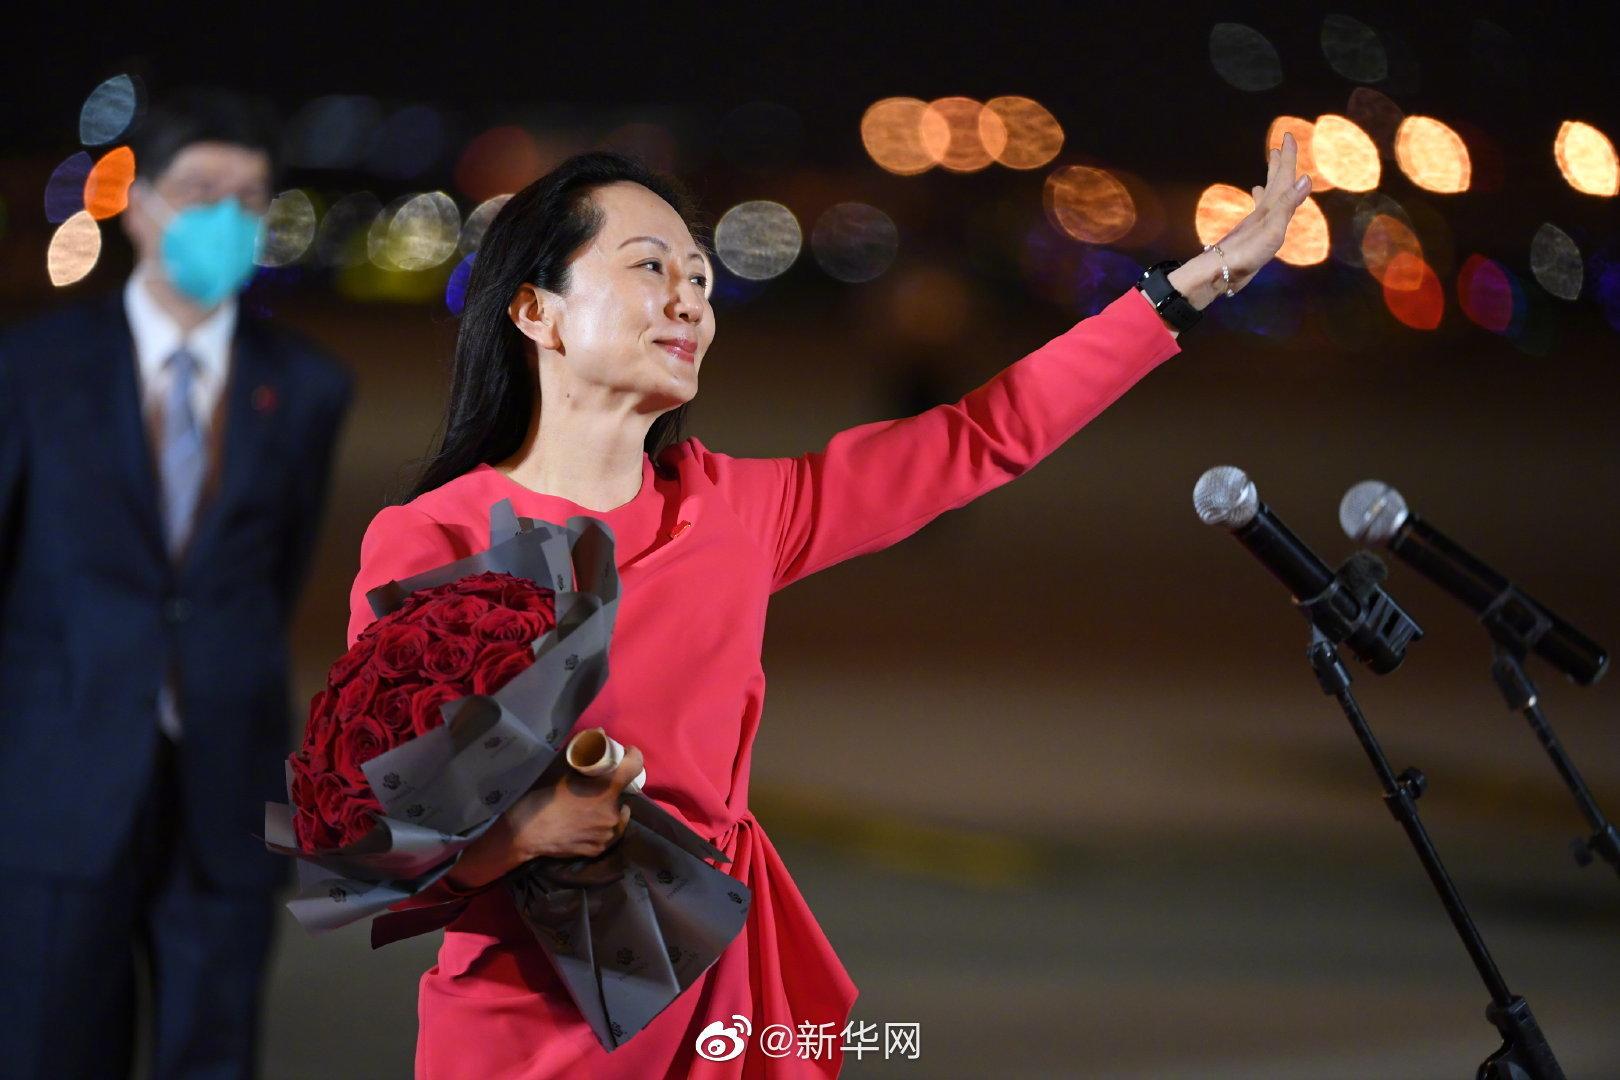 9月25日晚间,孟晚舟抵达深圳宝安国际机场 图自@新华社